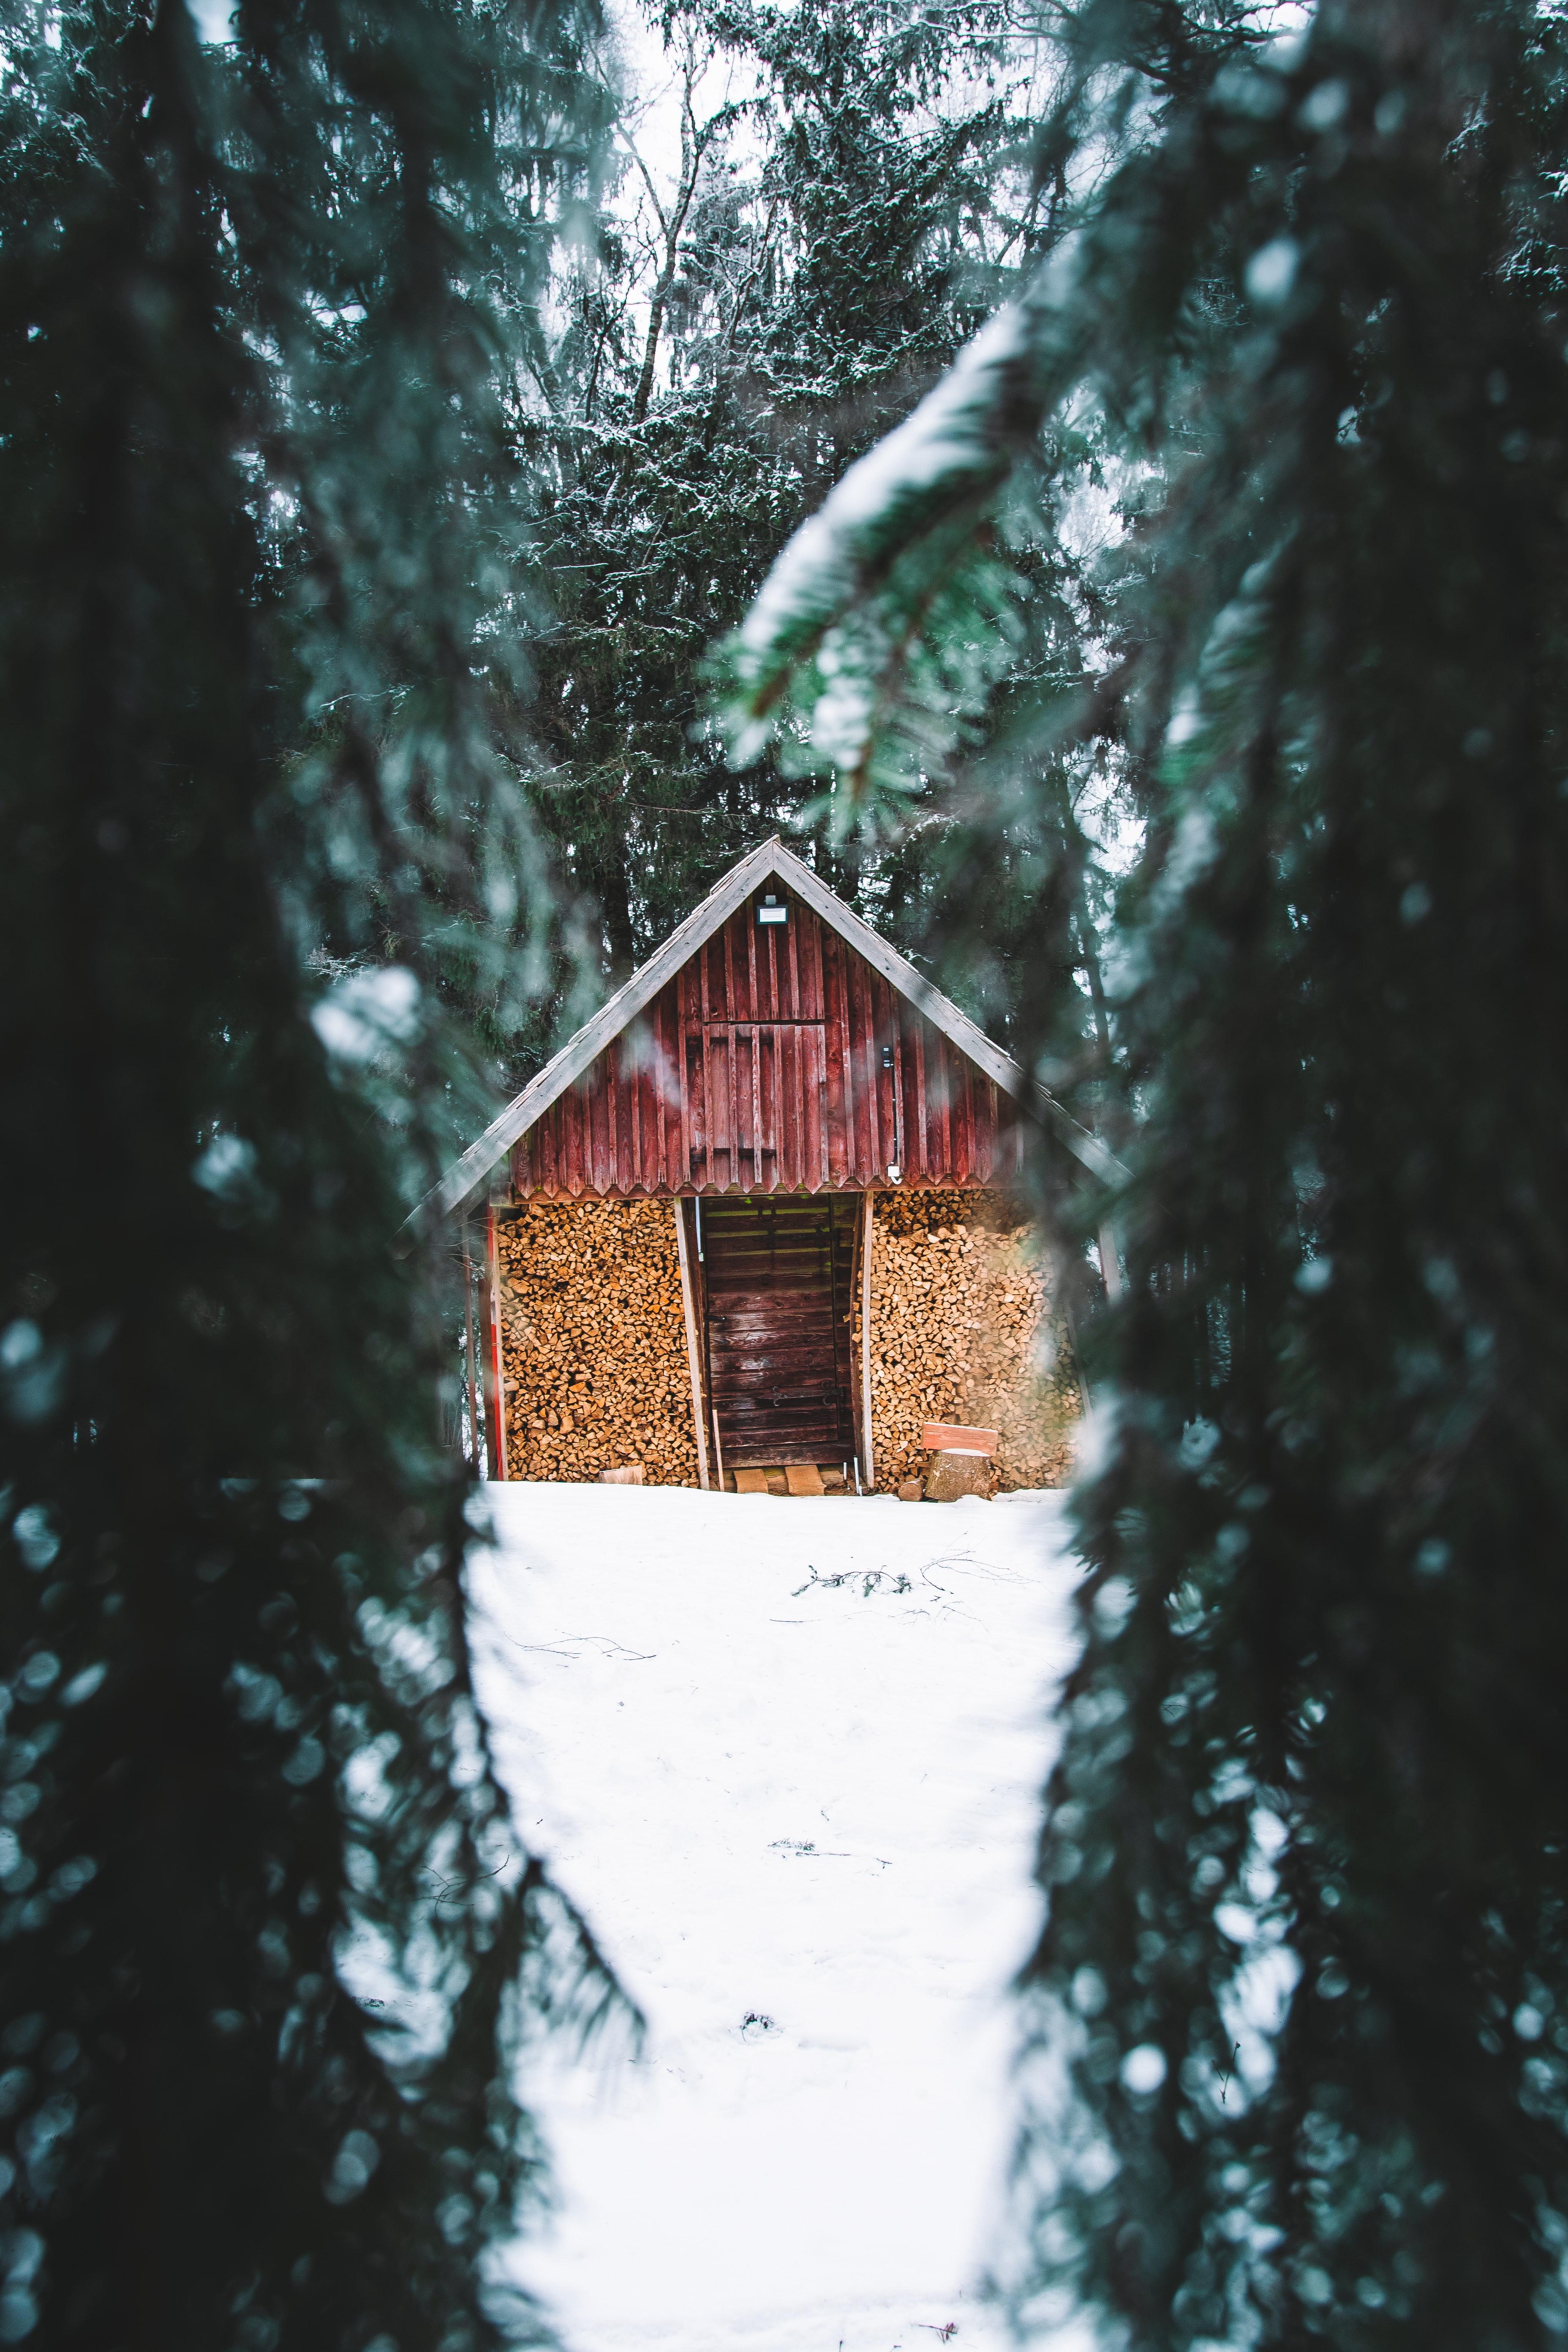 134749 скачать обои Хижина, Деревья, Снег, Природа, Зима, Елки - заставки и картинки бесплатно